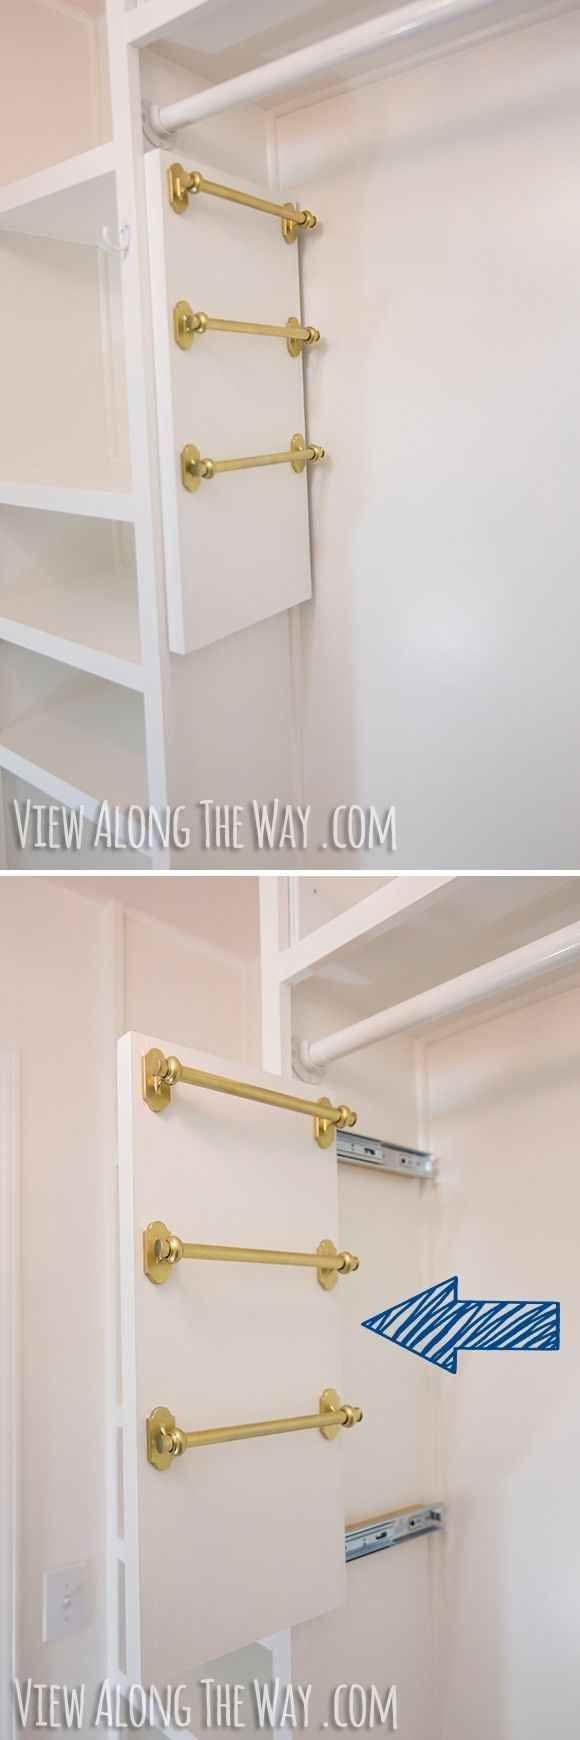 Maximize o espaço do armário fazendo o seu próprio porta lenços e cintos corrediço.